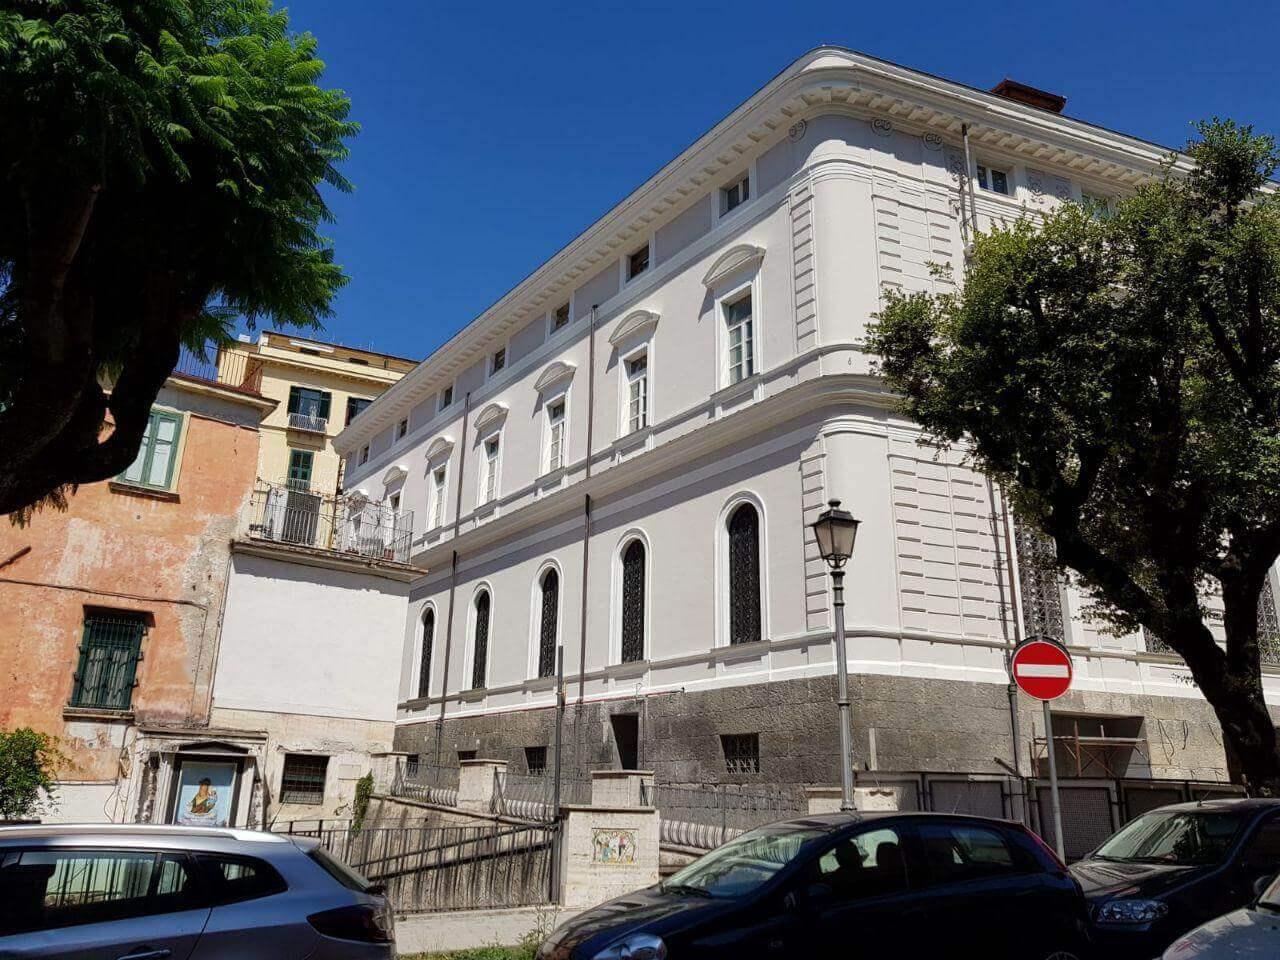 restauro immobile di prestigio salerno martini costruzioni (1)